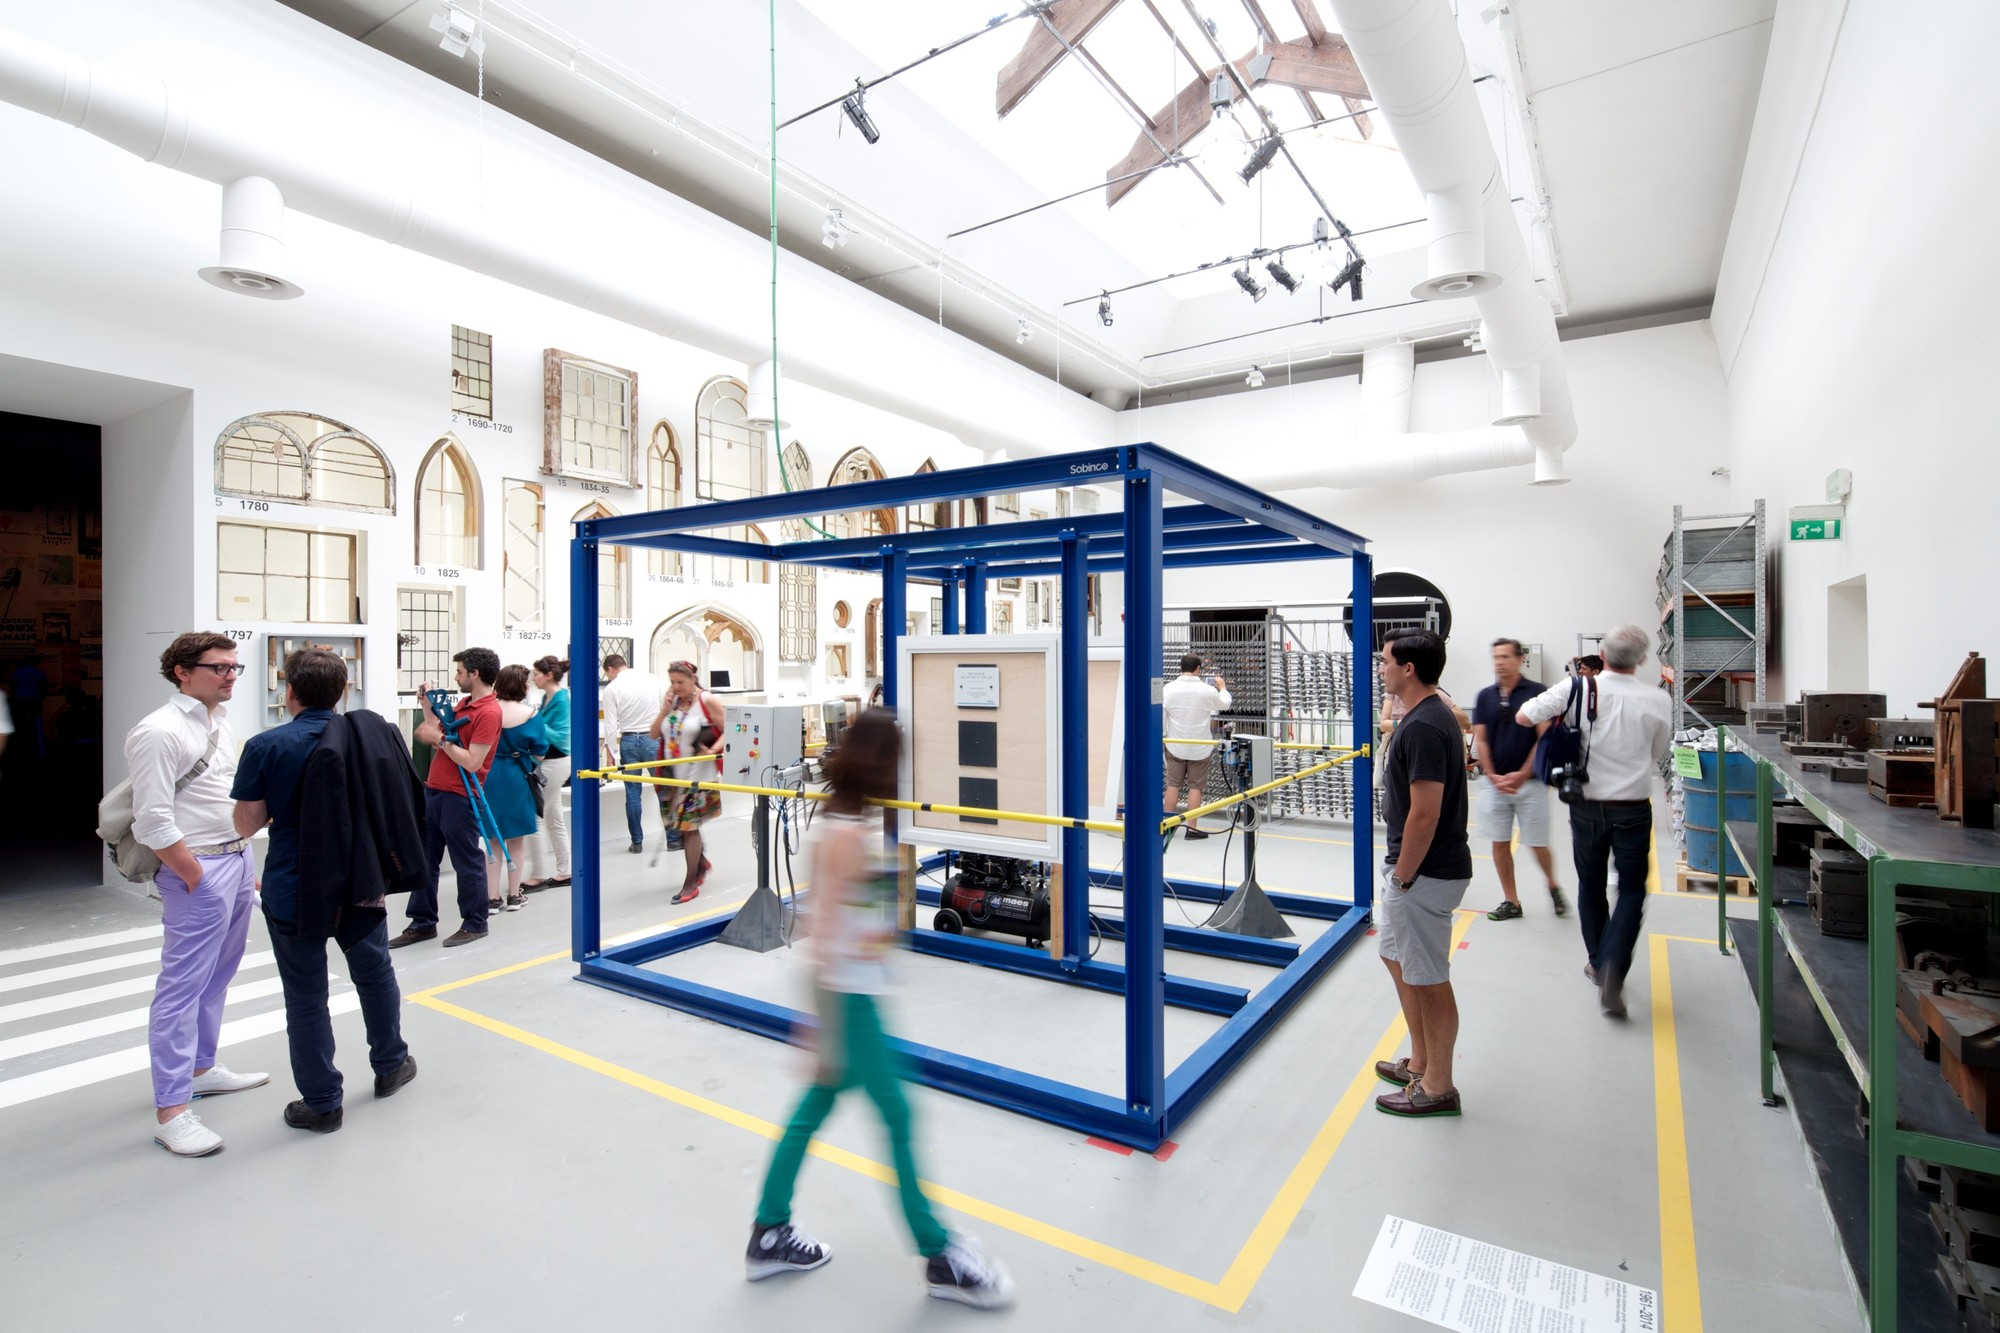 """""""Elements"""" de Rem Koolhaas: Desvendar as origens e assegurar o futuro da Arquitetura, Elementos da Arquitetura. Imagem © Nico Saieh"""